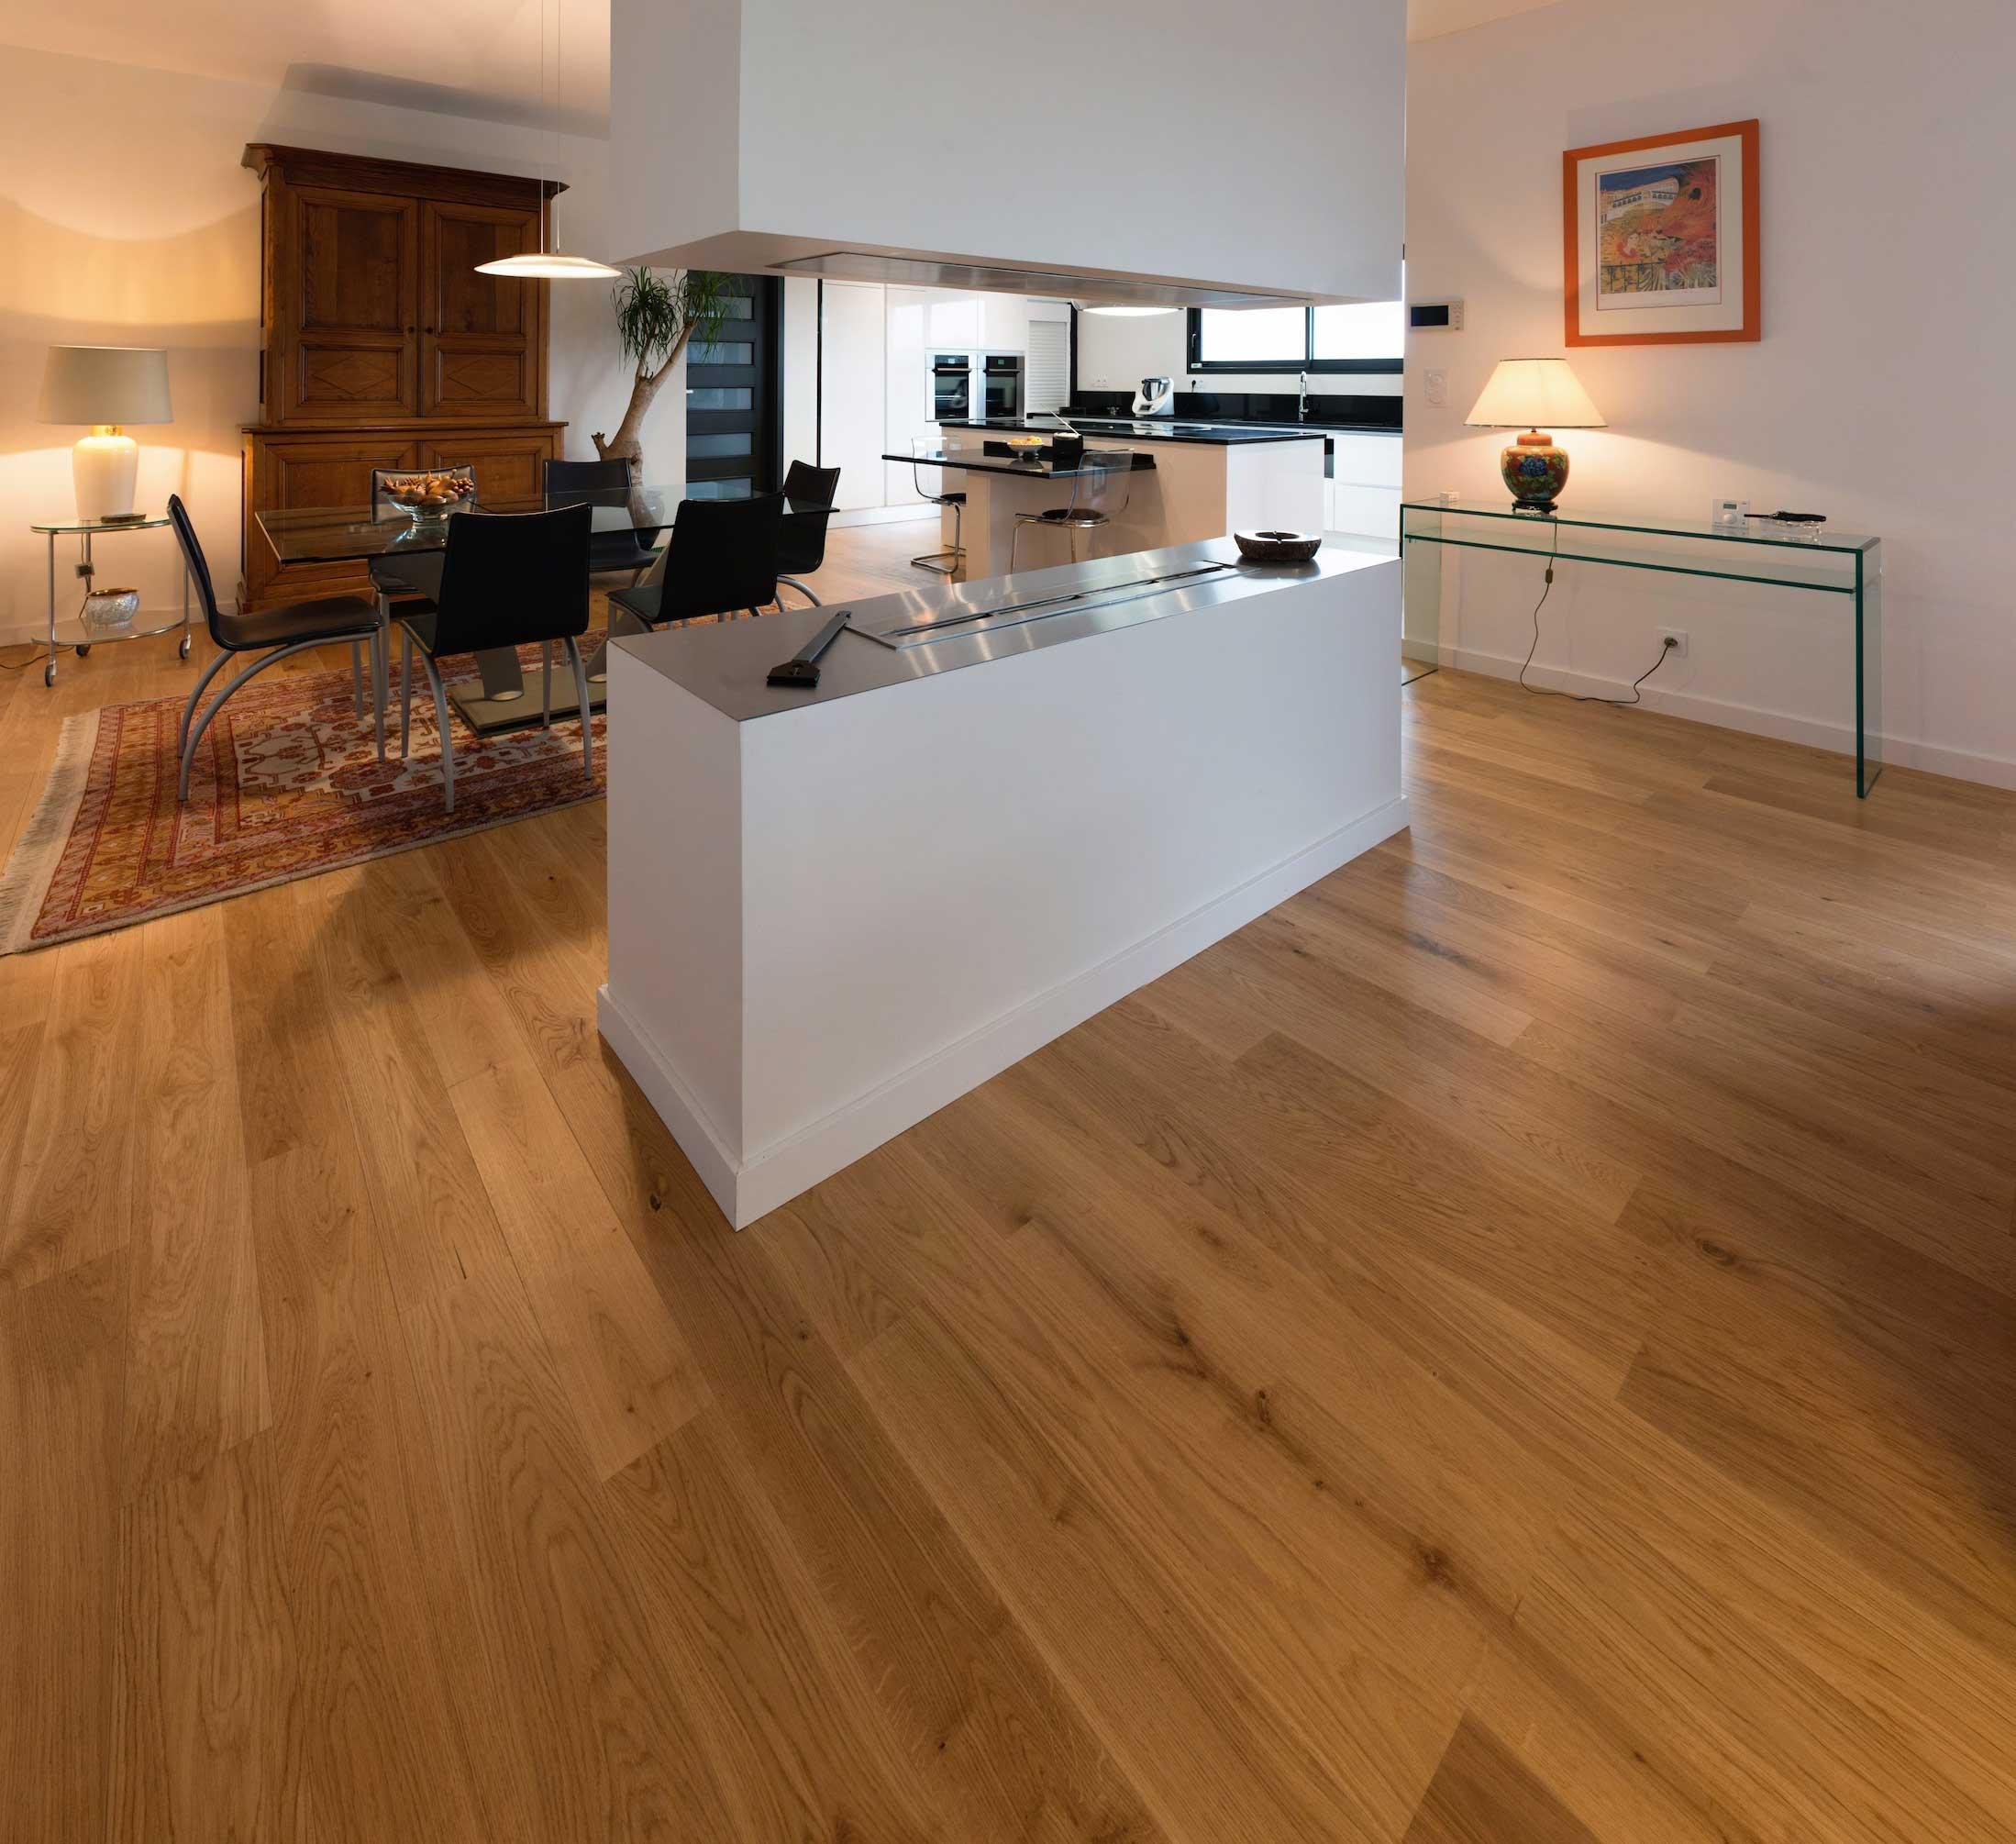 vernis pour parquet parquet massif verni with vernis pour parquet fabulous vp blanchon l with. Black Bedroom Furniture Sets. Home Design Ideas